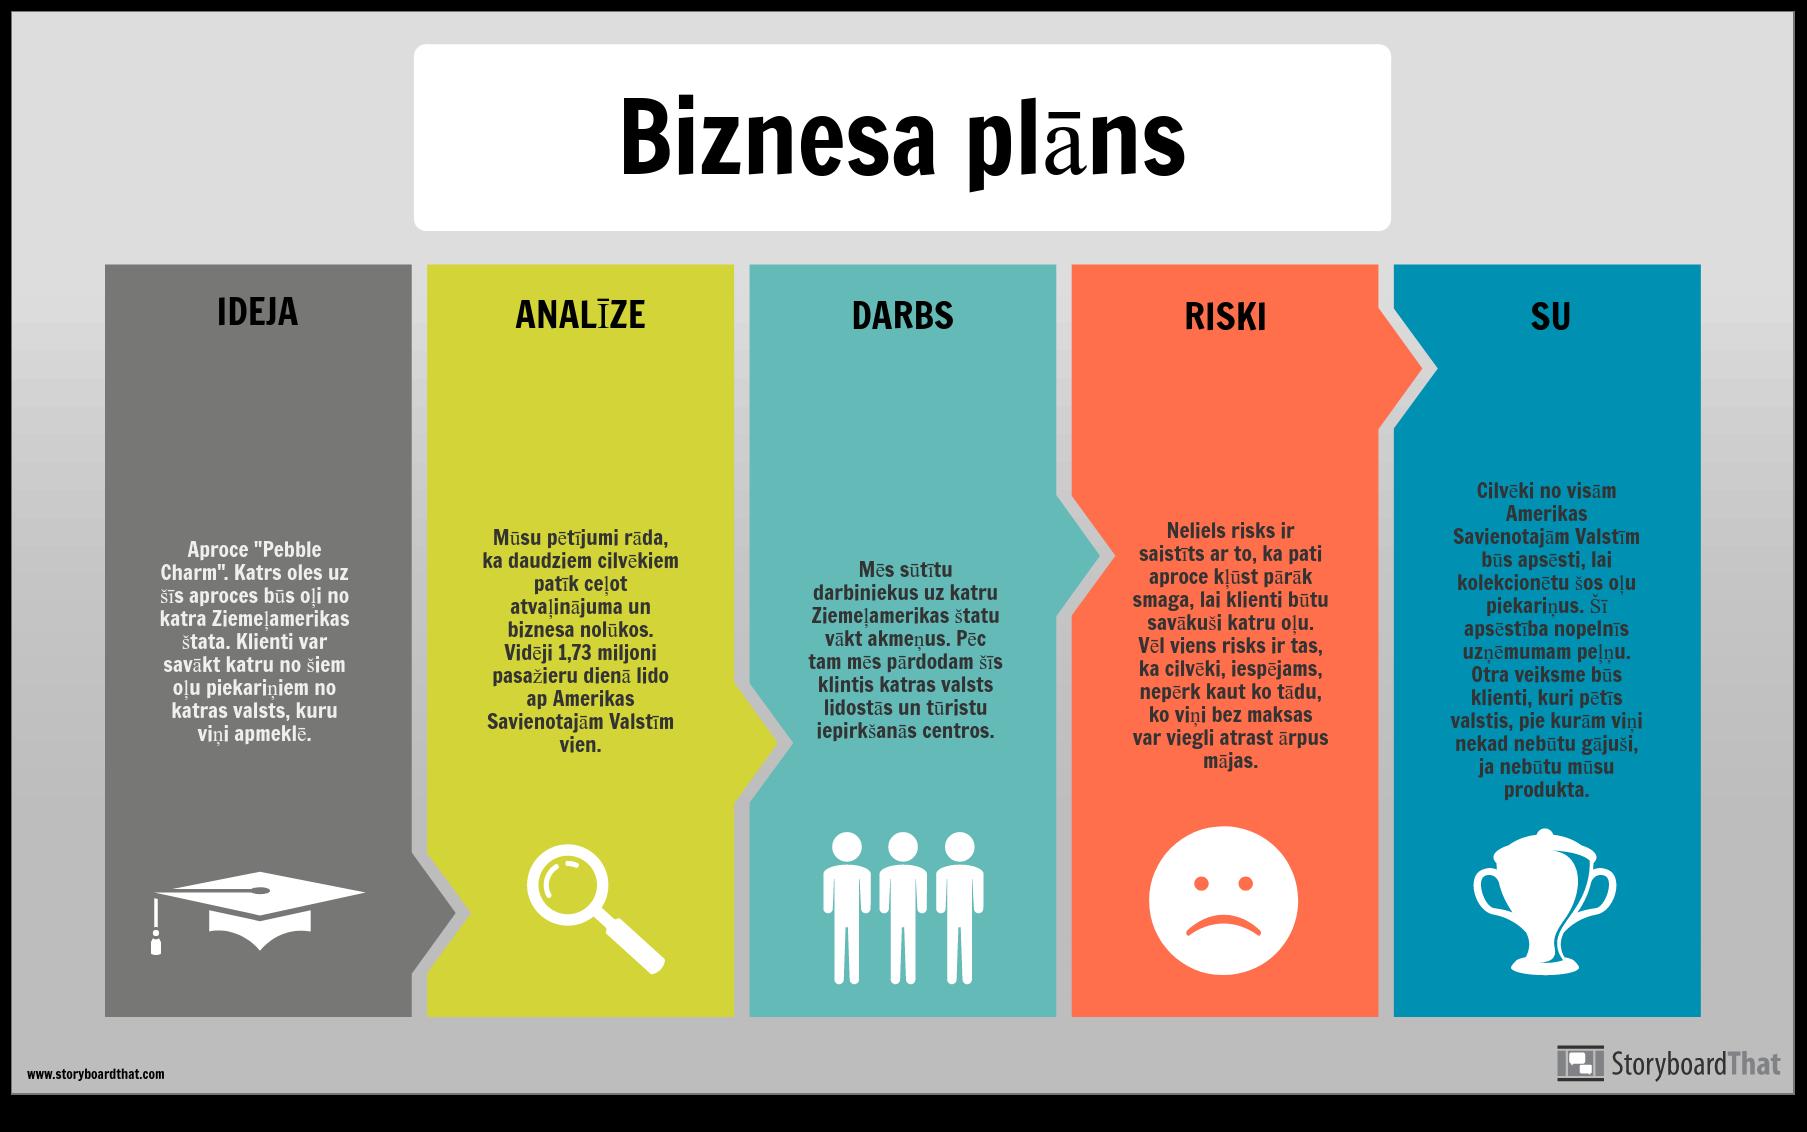 Biznesa Plāna Informācijas Piemērs